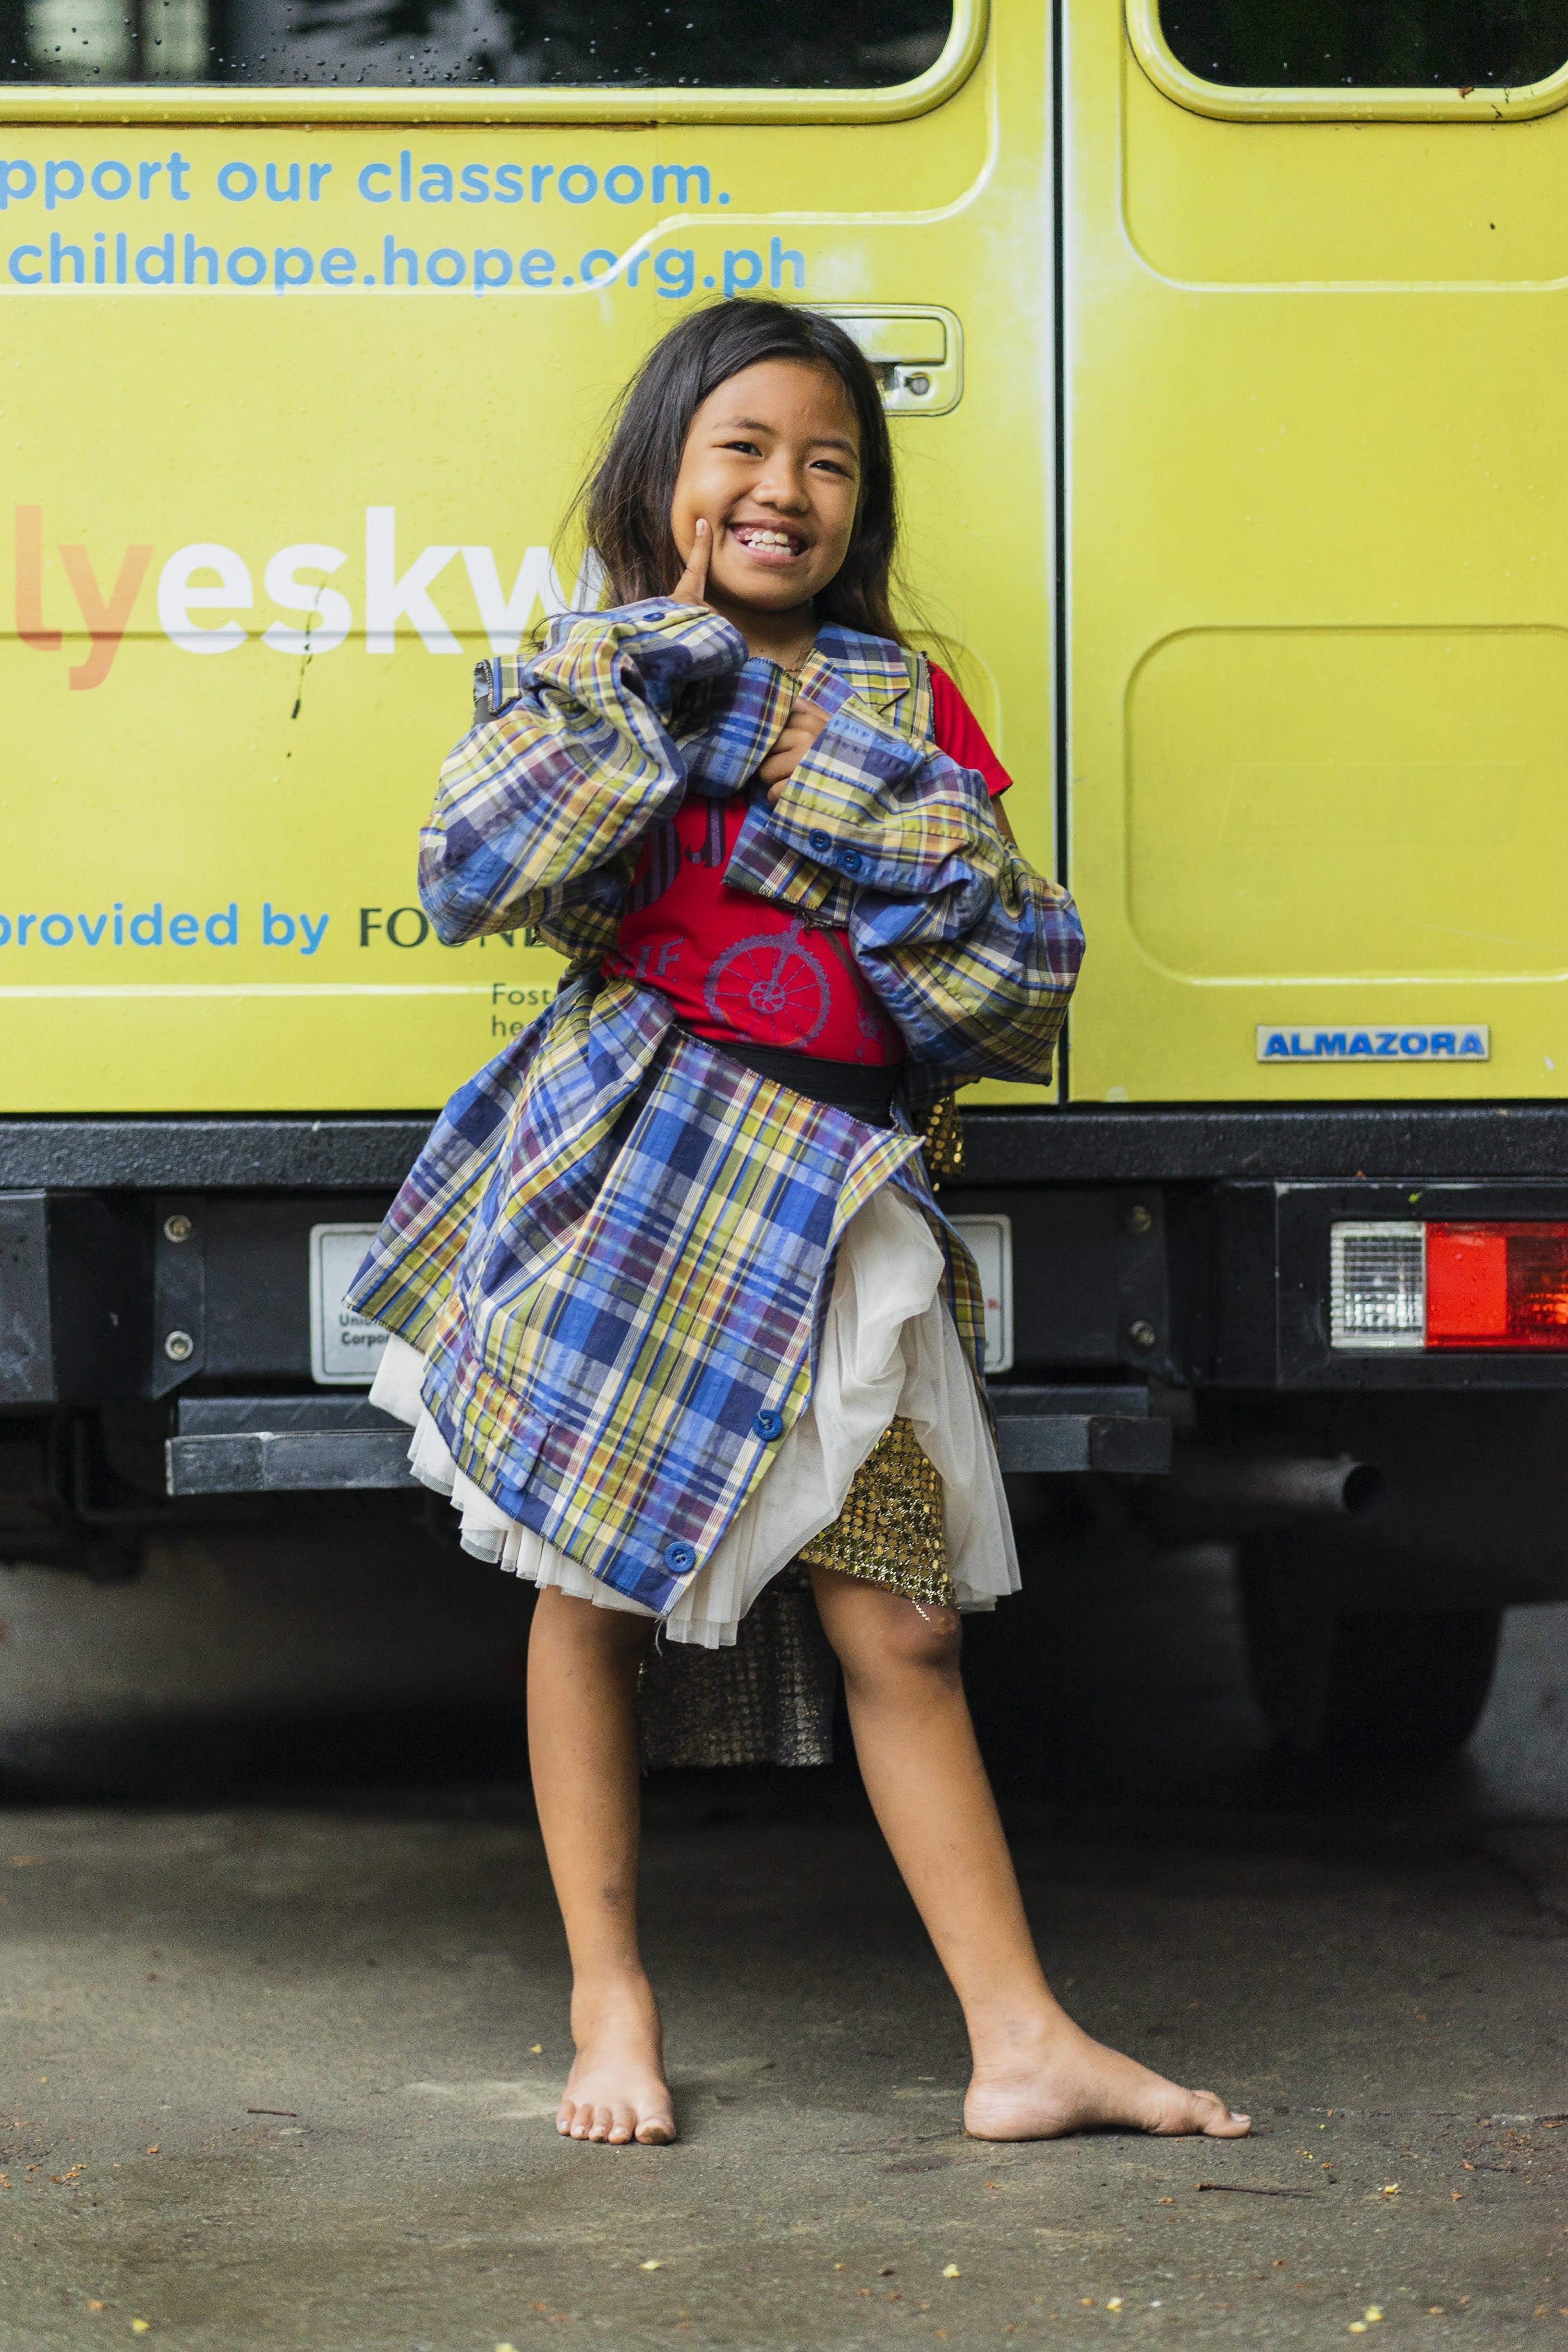 フィリピンのパヤタスでDEAR MEが開催したファッションショーに出演した女の子